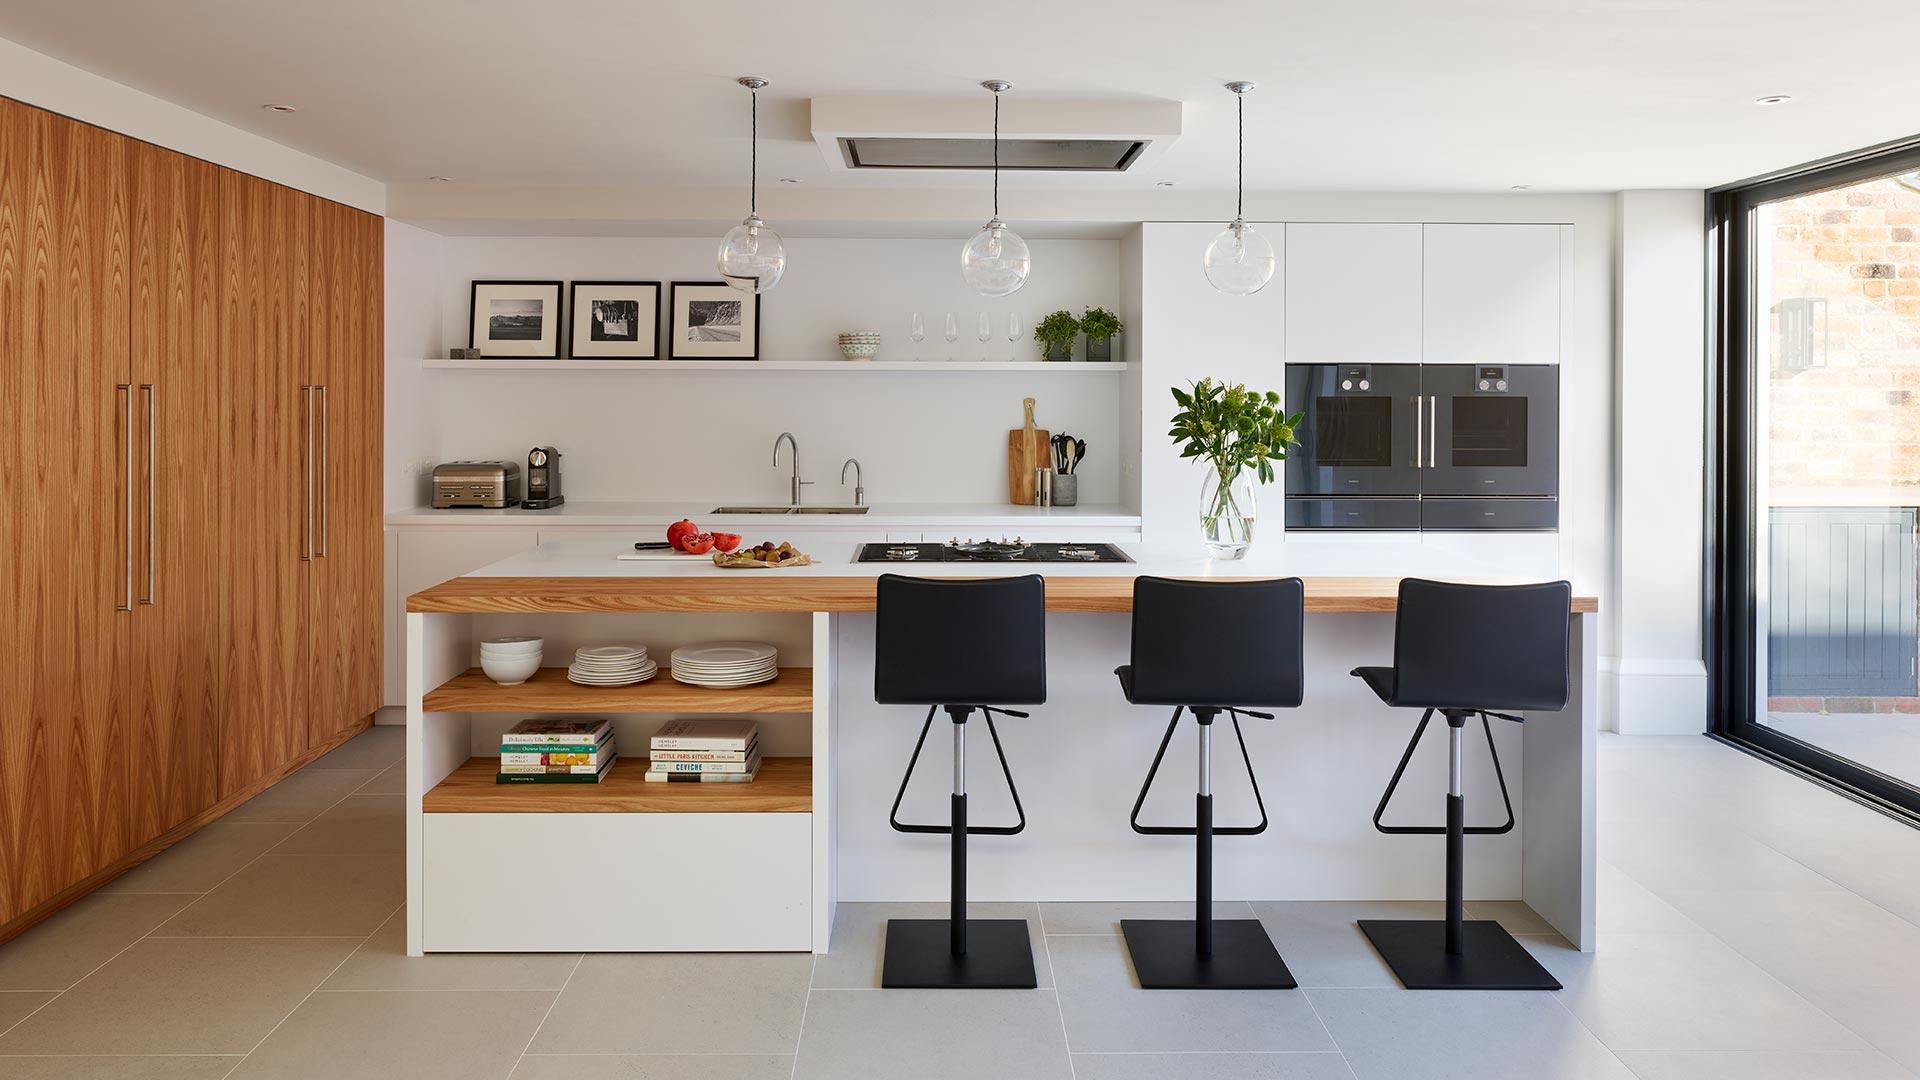 201707 – CUCINA CON ISOLA E COLONNE IN LEGNO - Cucine su Misura | TM Italia Cucine - 201809_hubkitchen_brandsite_2